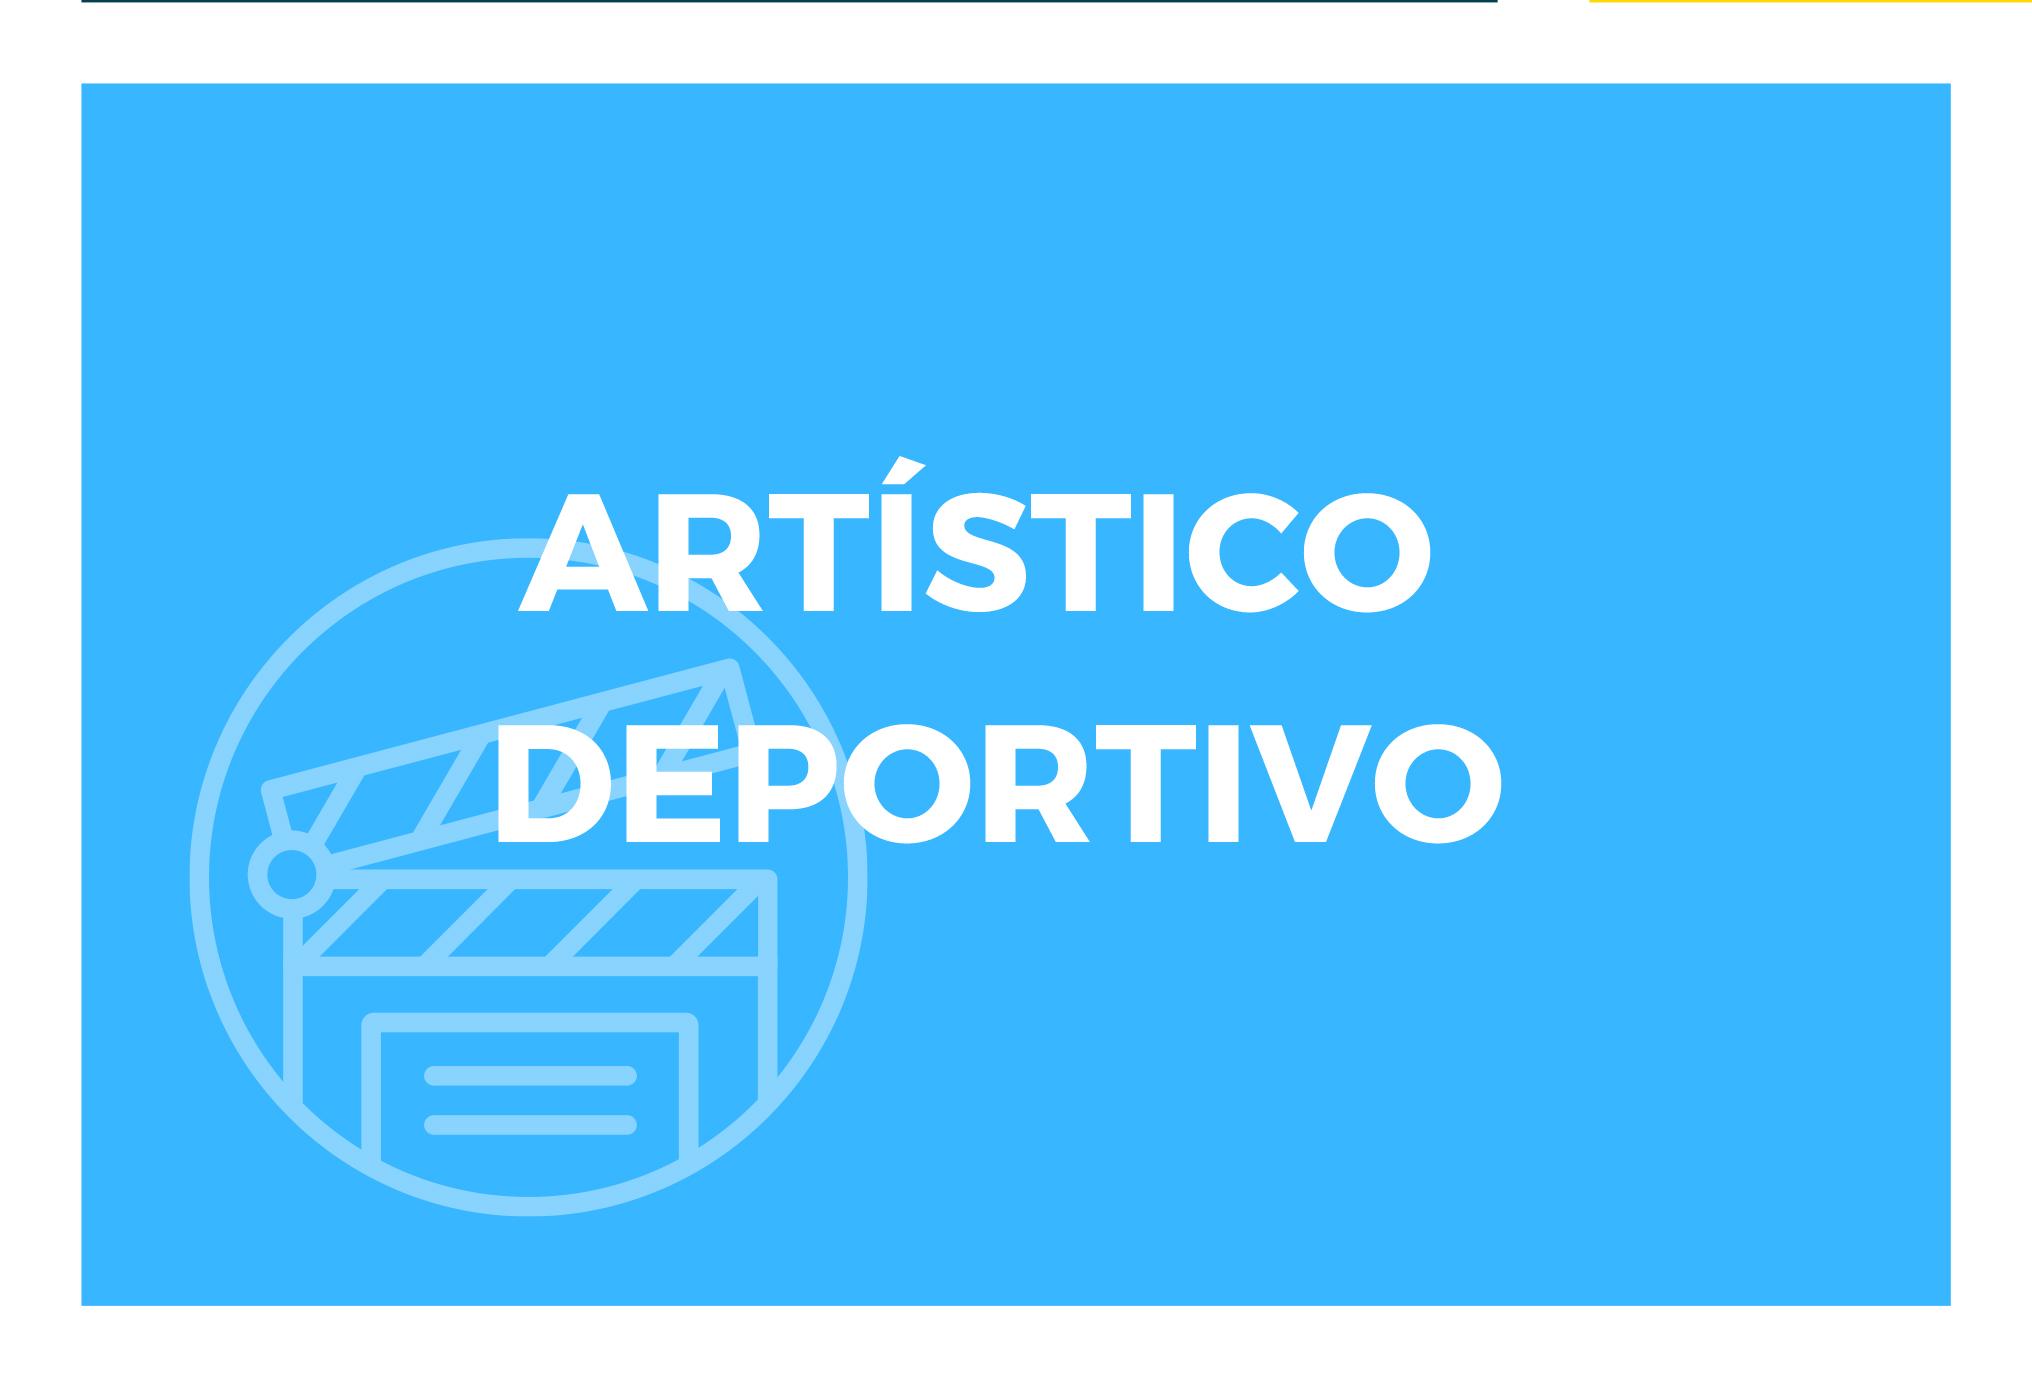 Artístico deportivo (artistico ITINERARIOS FORMATIVOS I CEP GRANADA.jpg)